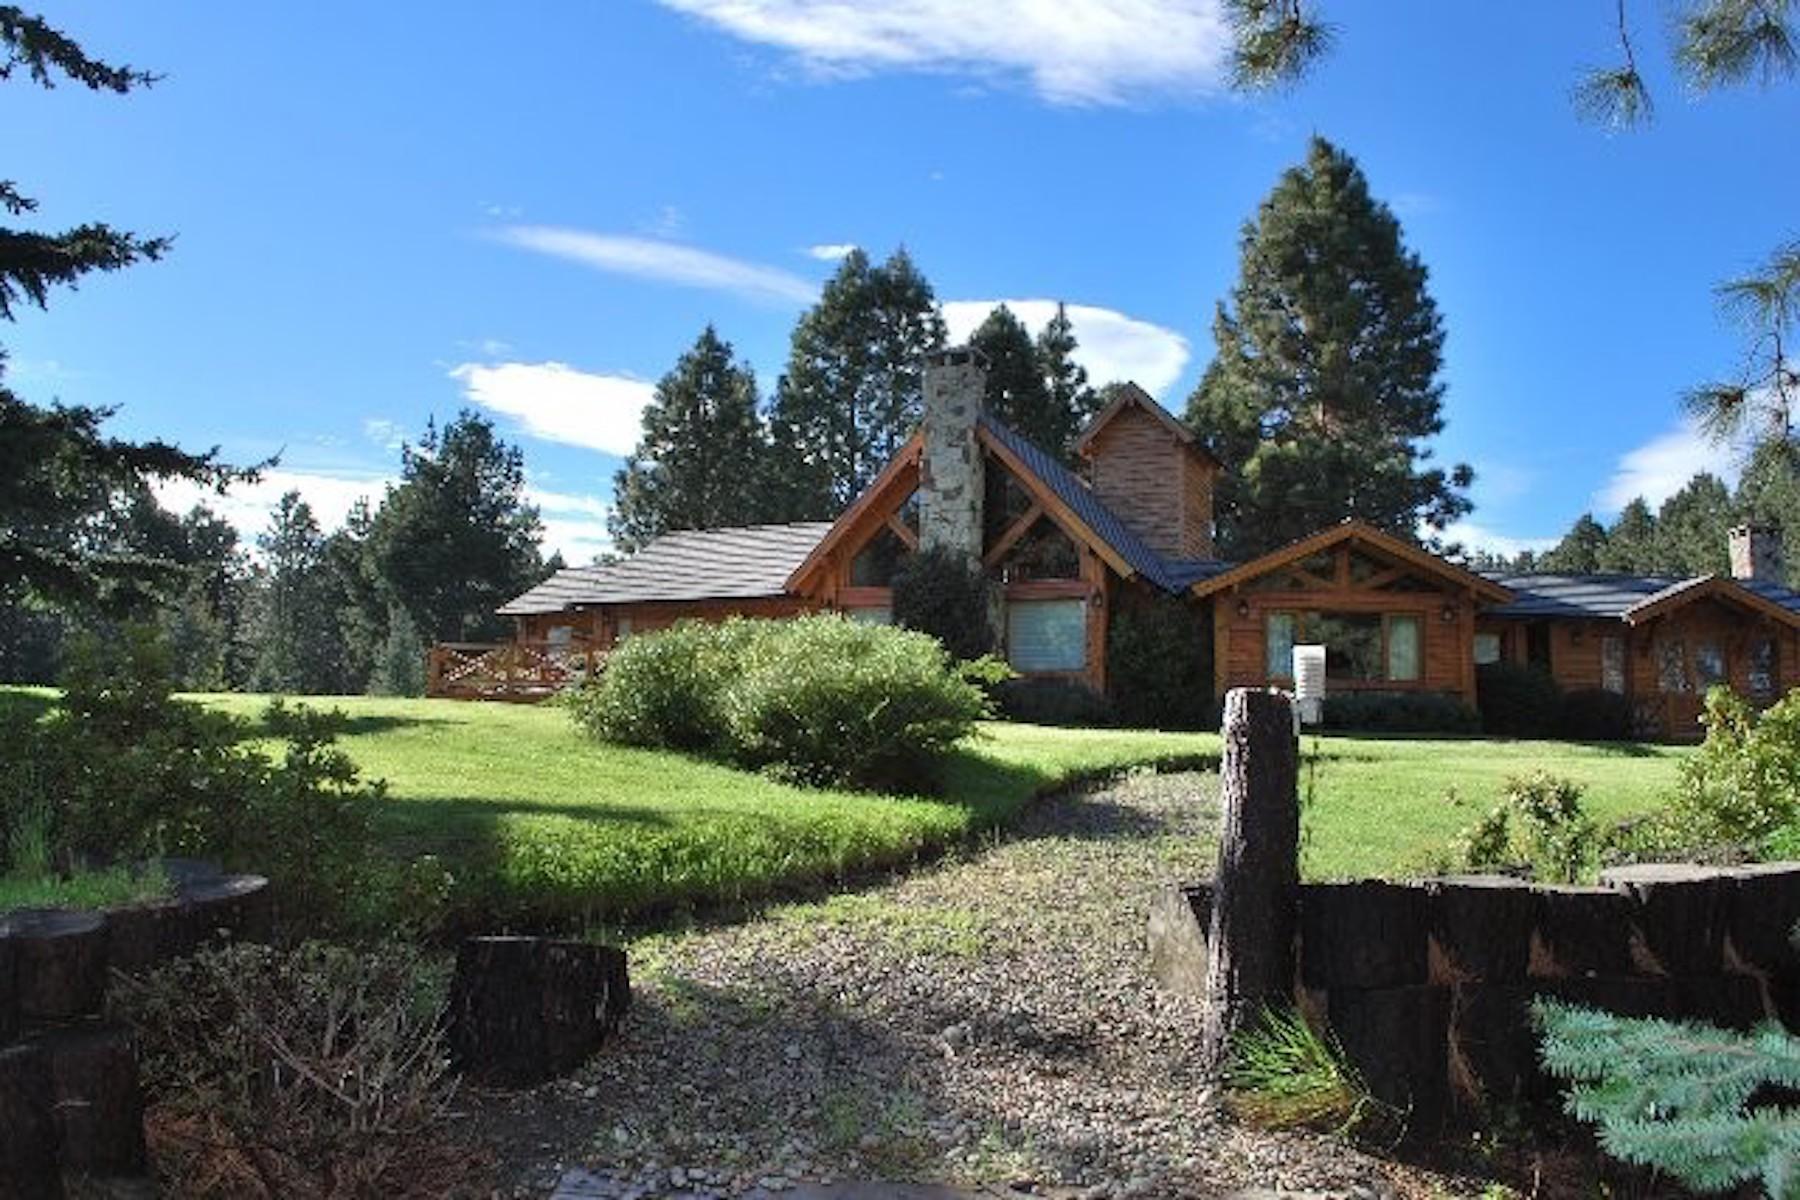 Maison unifamiliale pour l Vente à Casa Dina Huapi costa de lago (Bariloche) Bariloche, Rio Negro, Argentine